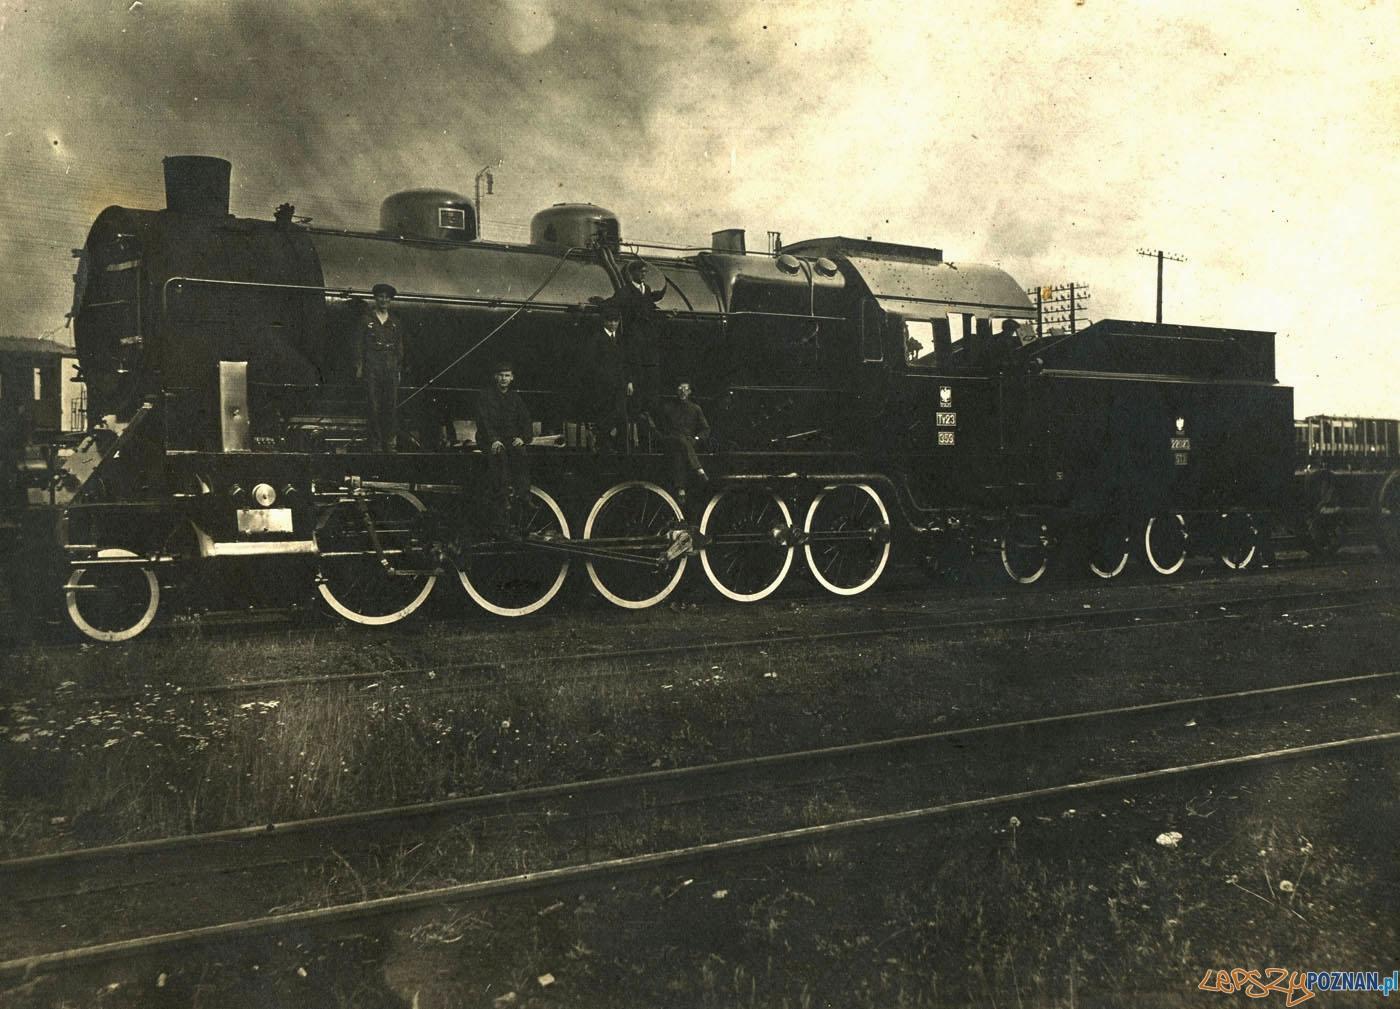 Parowóz w Zakładach Cegielskiego rok 1929  Foto: Parowóz w Zakładach Cegielskiego rok 1929